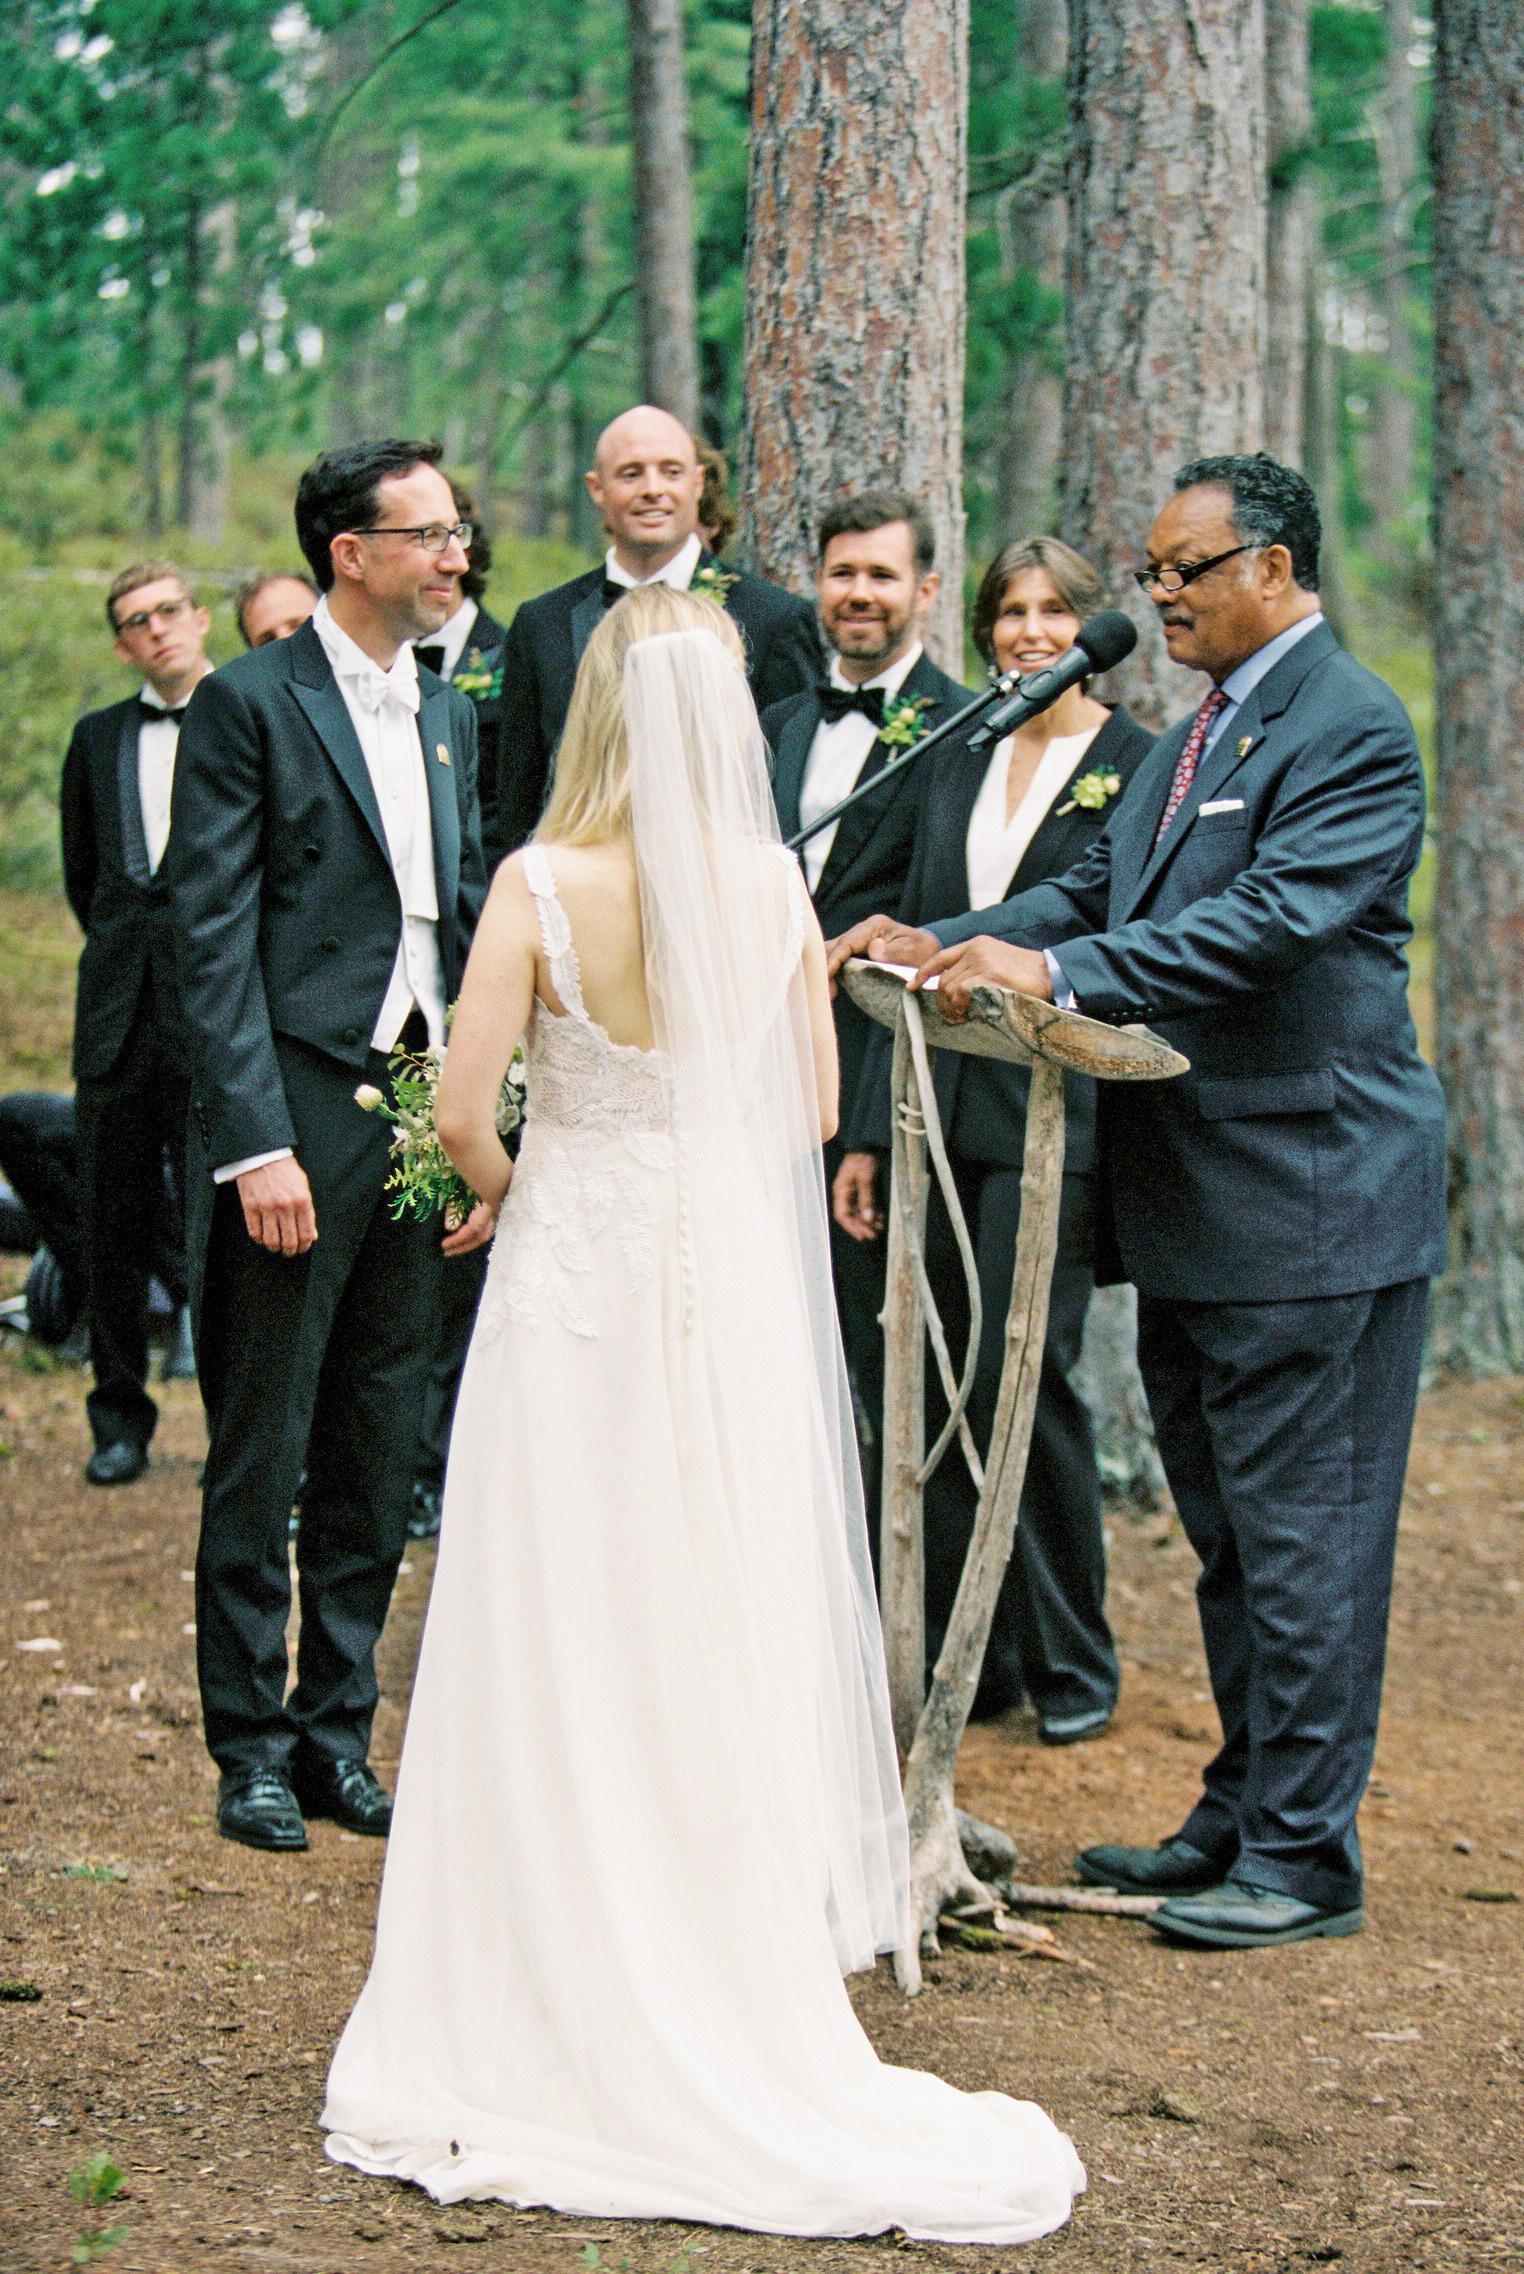 adele seth wedding ceremony